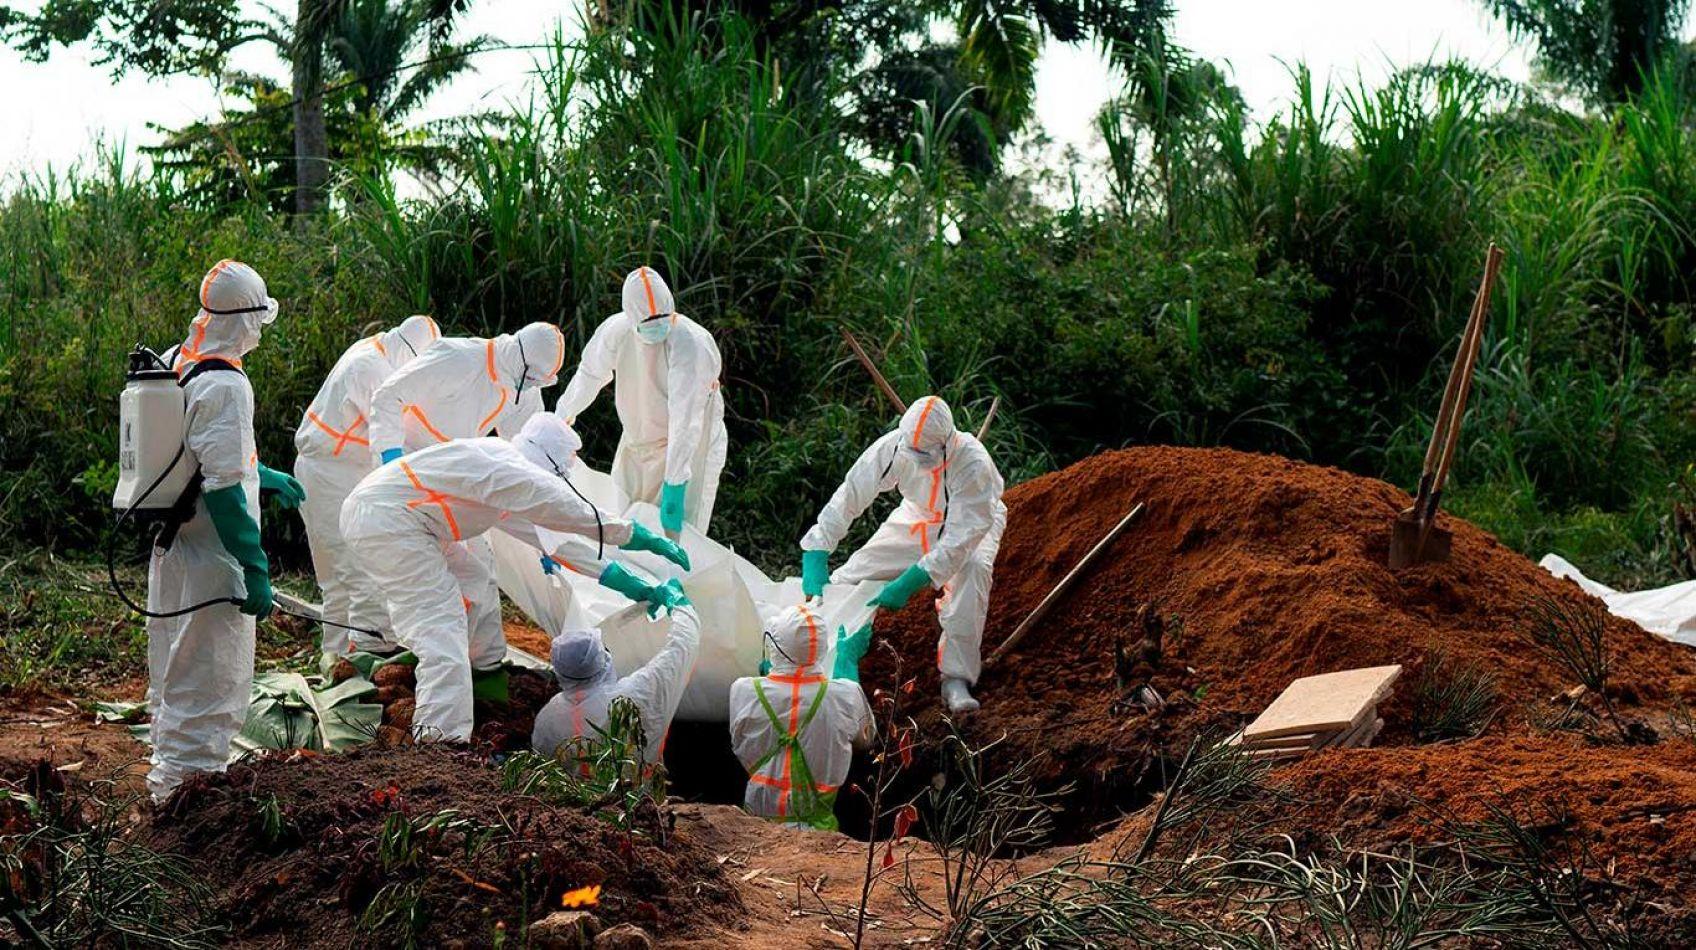 La decisión fue tomada por recomendación del Comité de Emergencia de la OMS y siguió al primer caso confirmado de ébola en la ciudad de Goma.